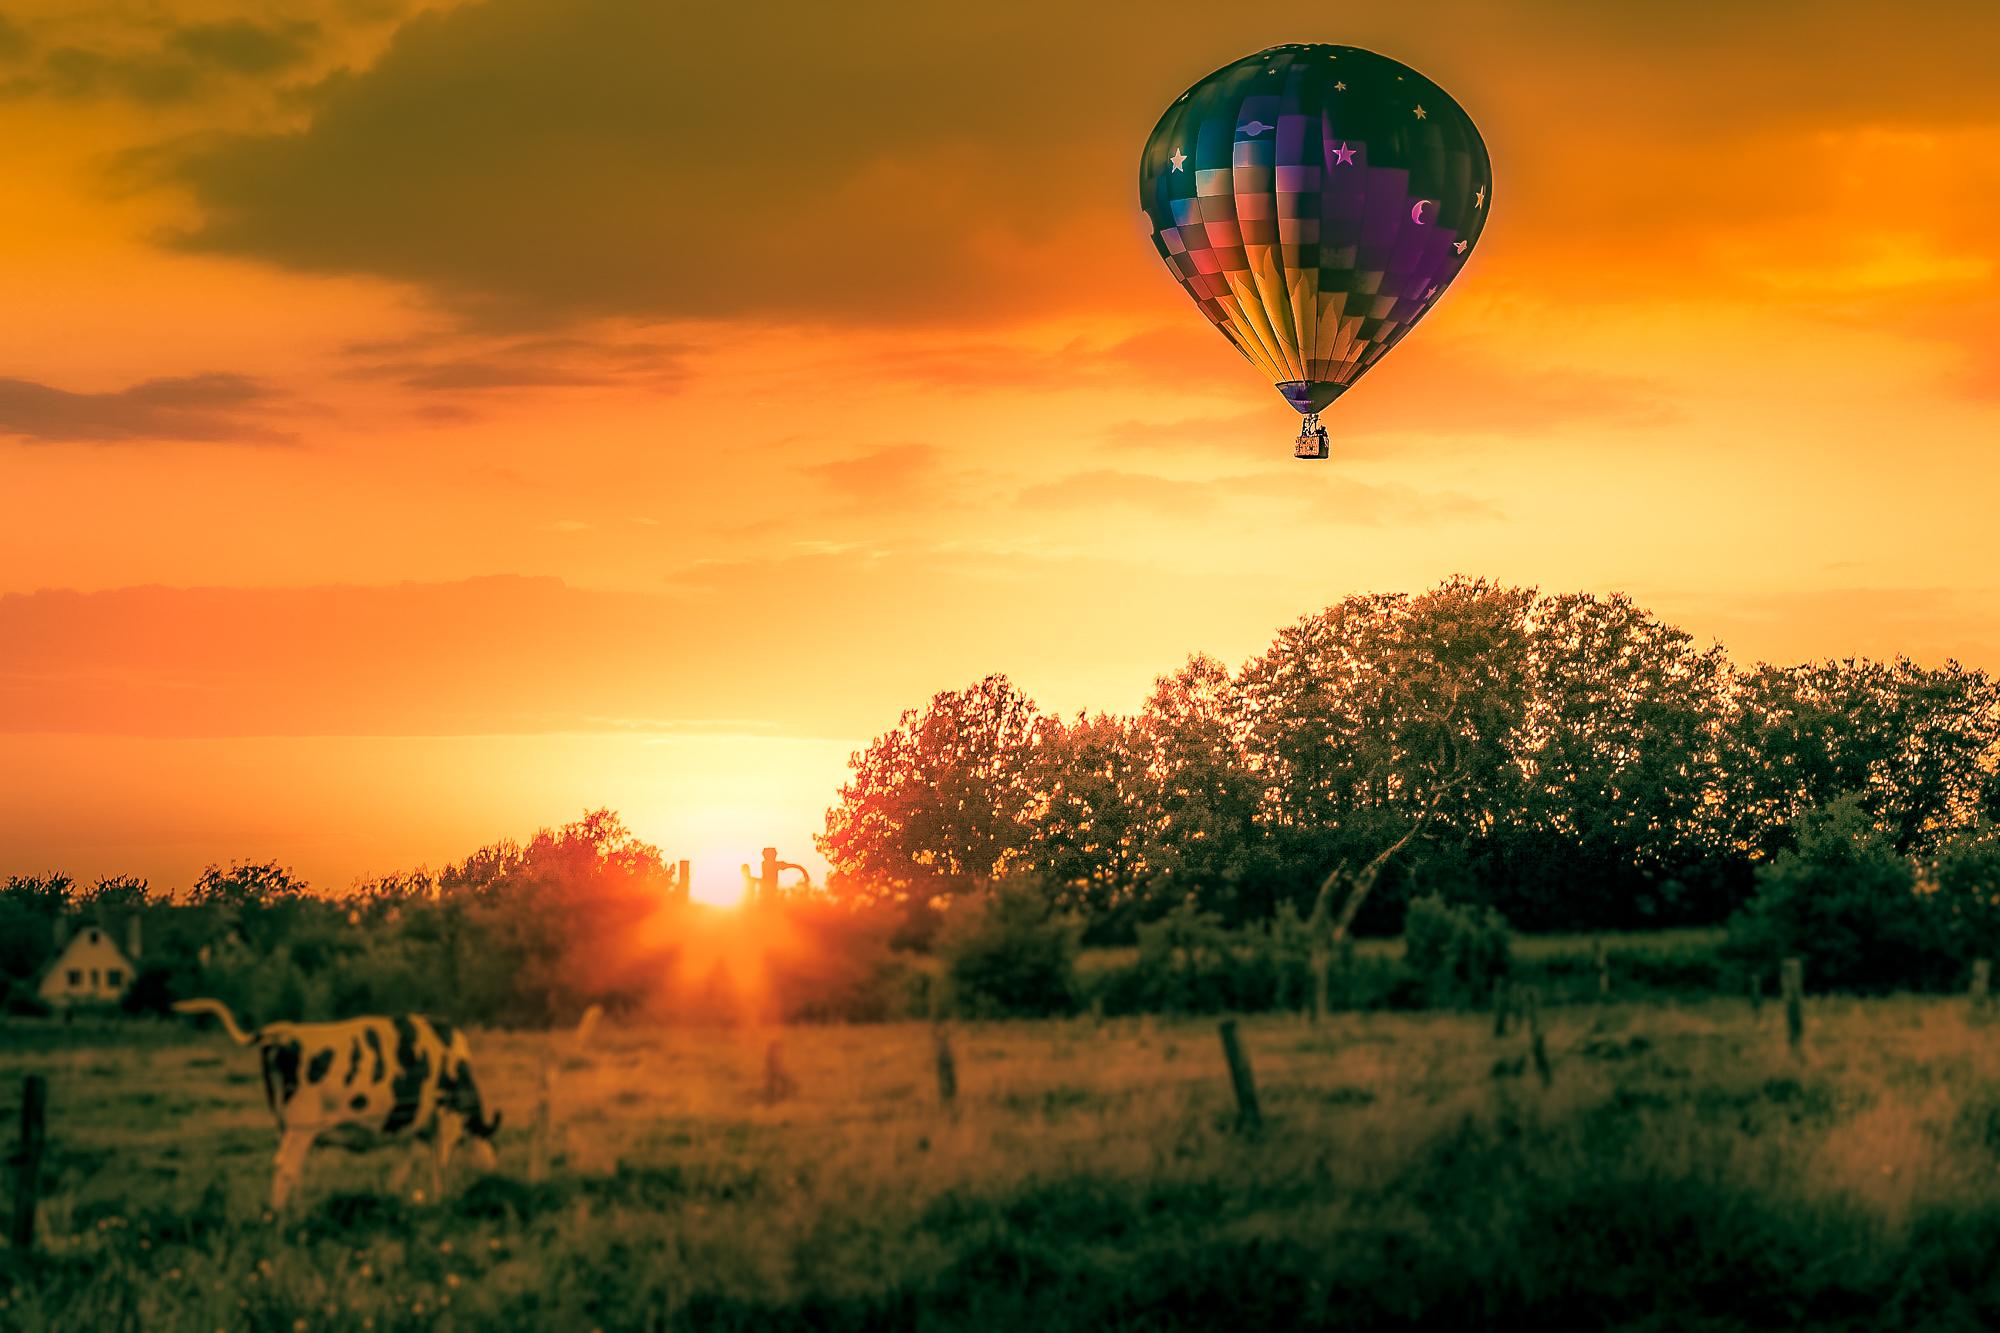 58073A - Hot Air Balloon and Farm